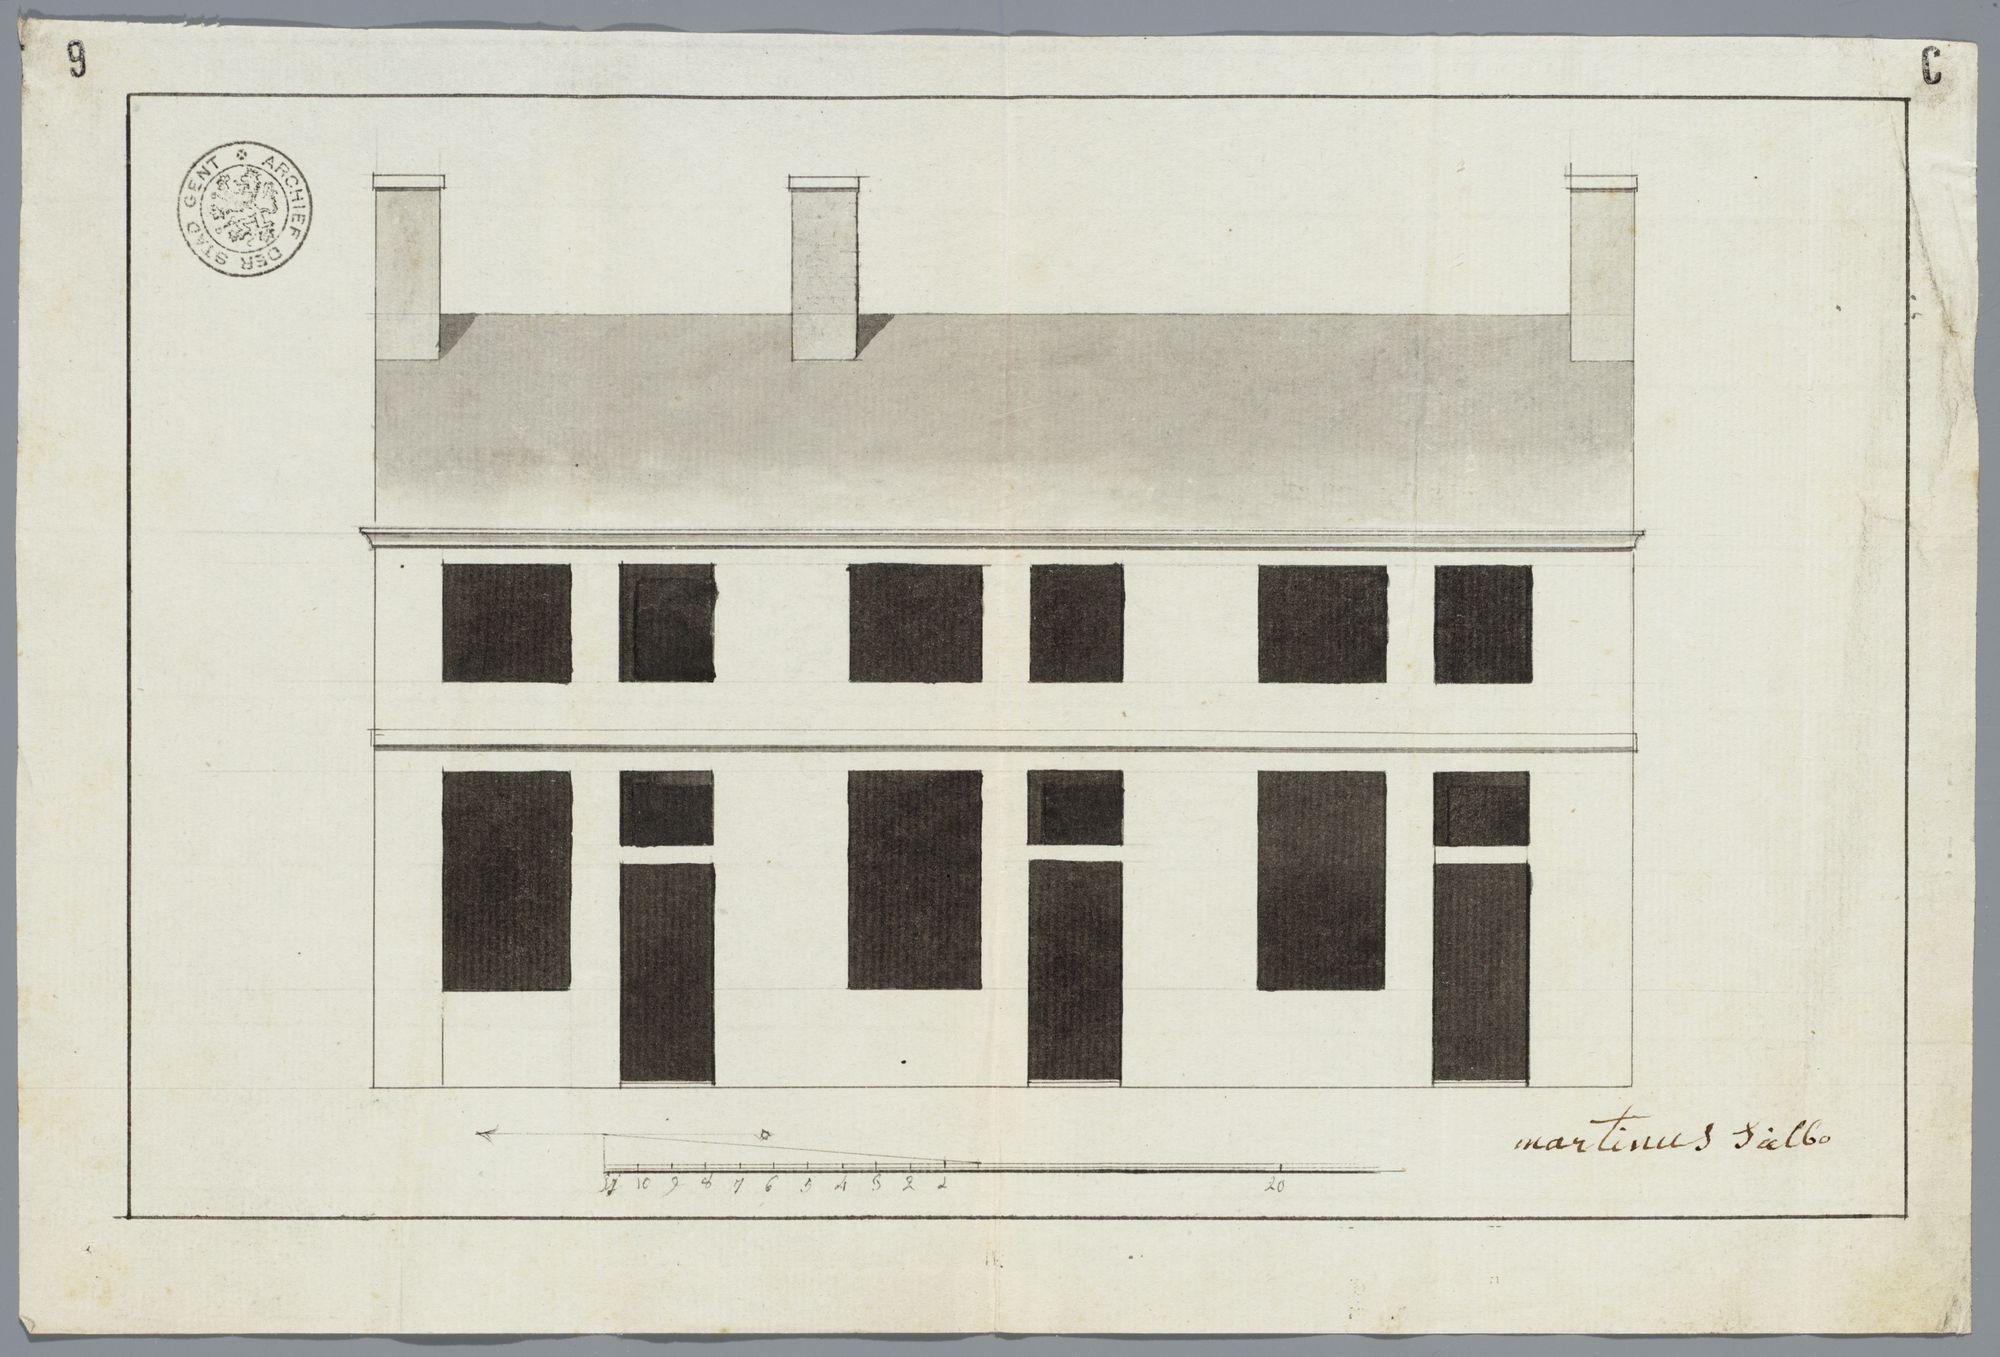 Bouwtekeningen Gent, 1580-1797